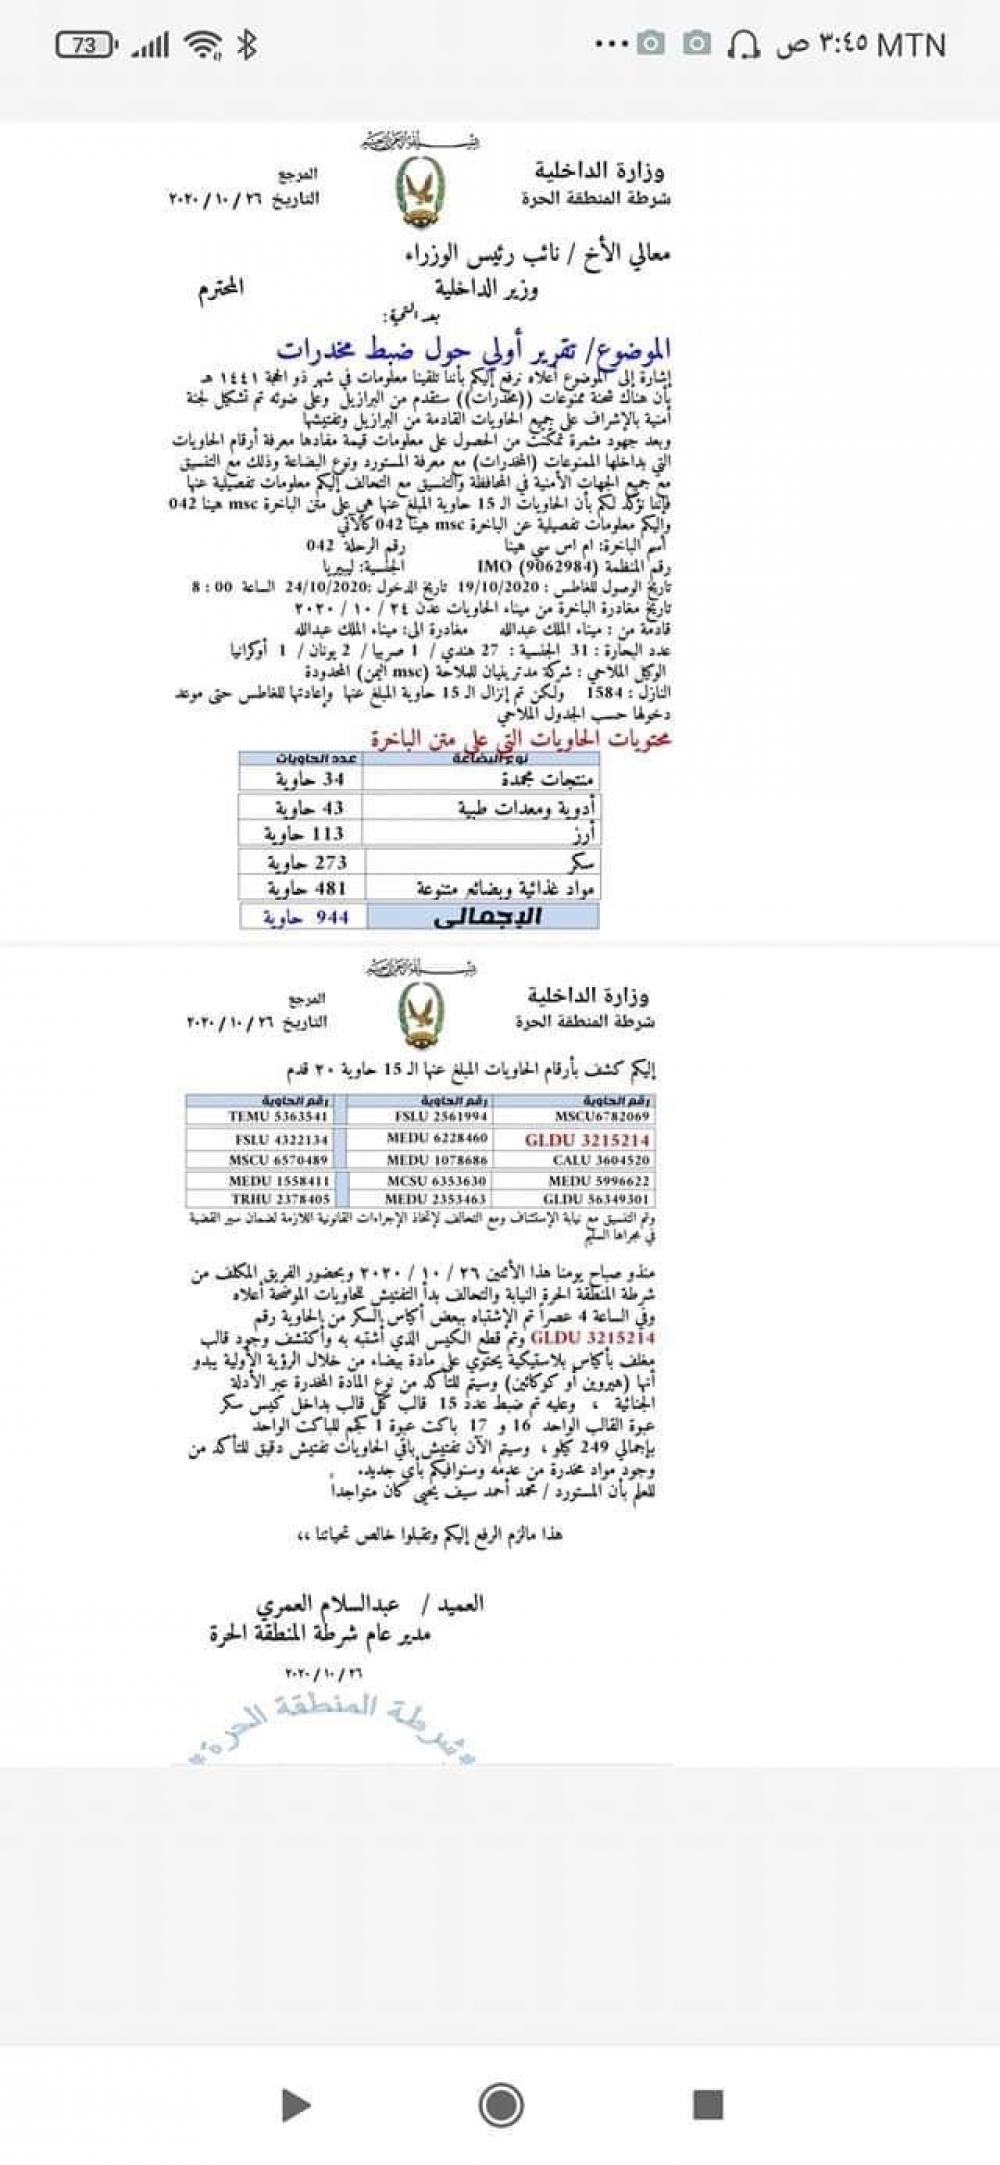 شرطة المنطقة الحرة بميناء عدن تكشف معلومات مثيرة حول شحنة المخدرات المضبوطة